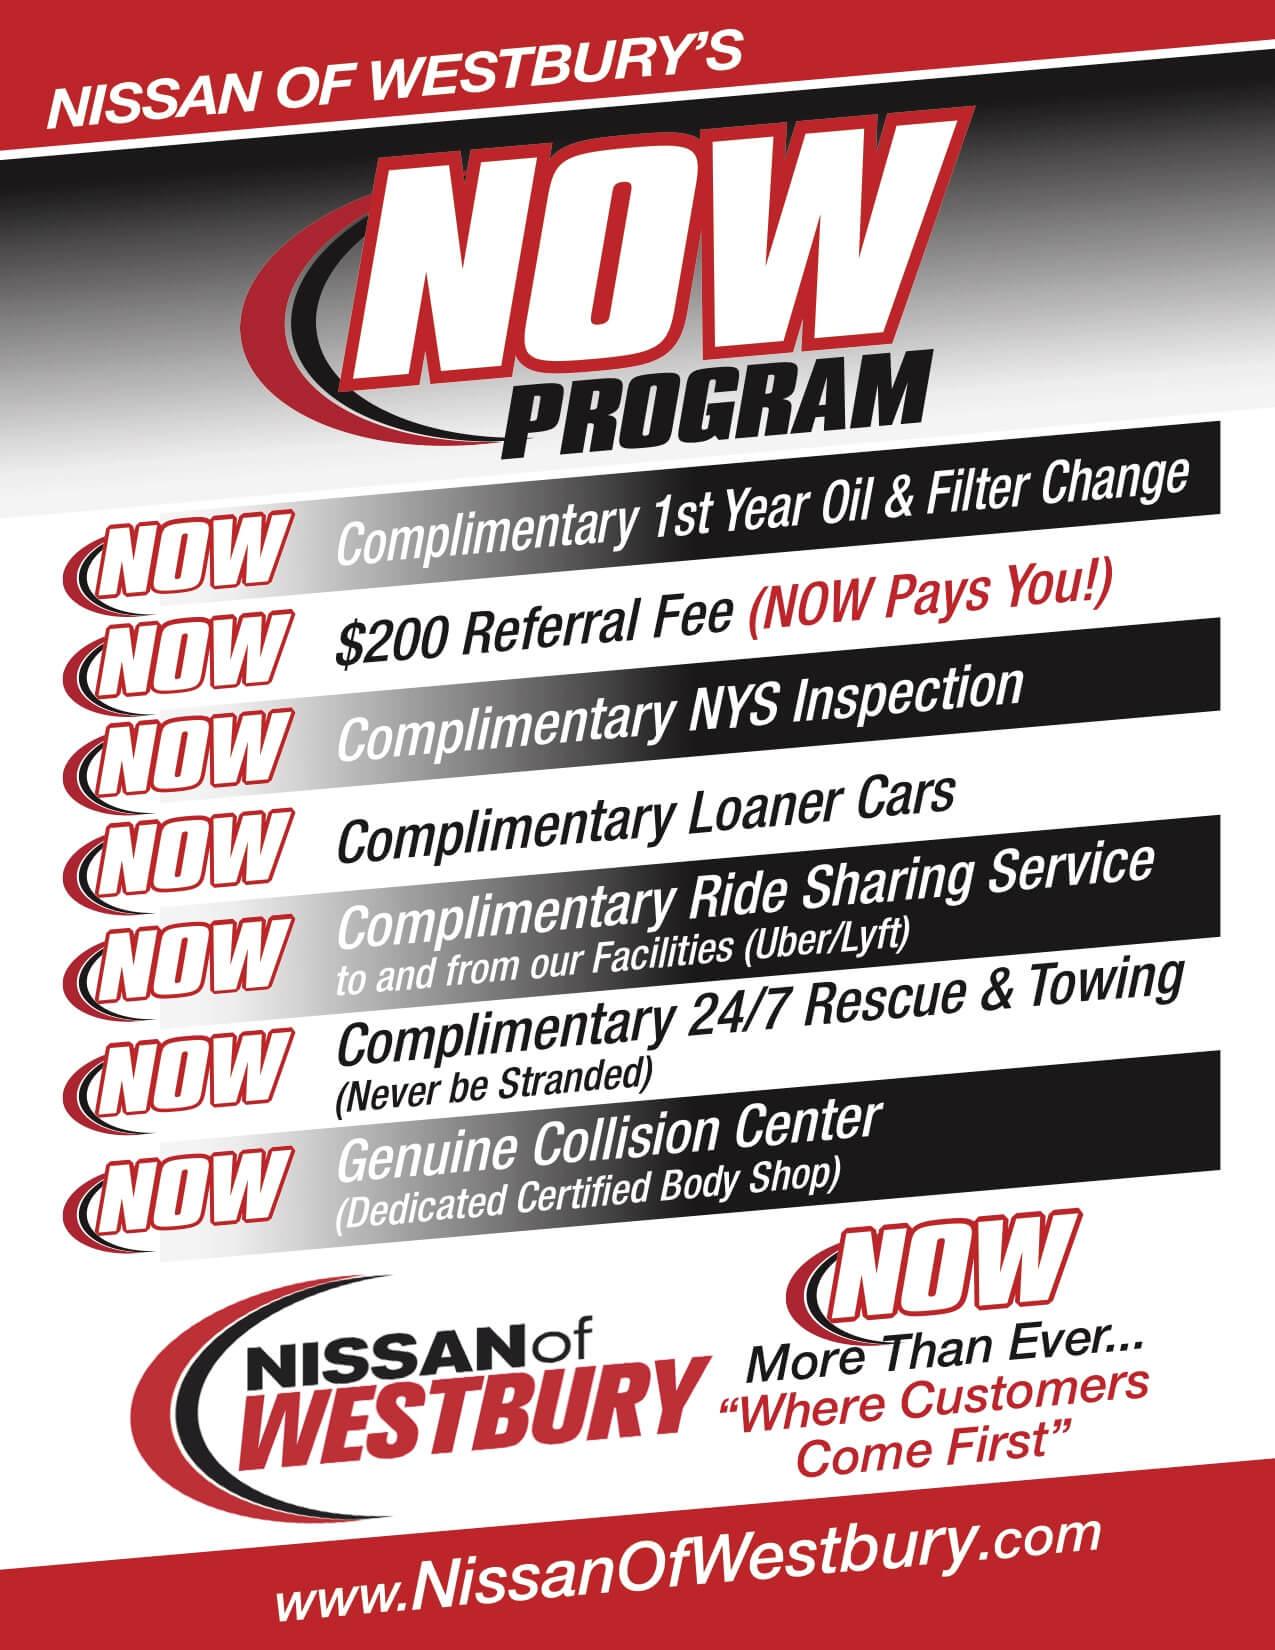 Nissan of Westbury's NOW Program